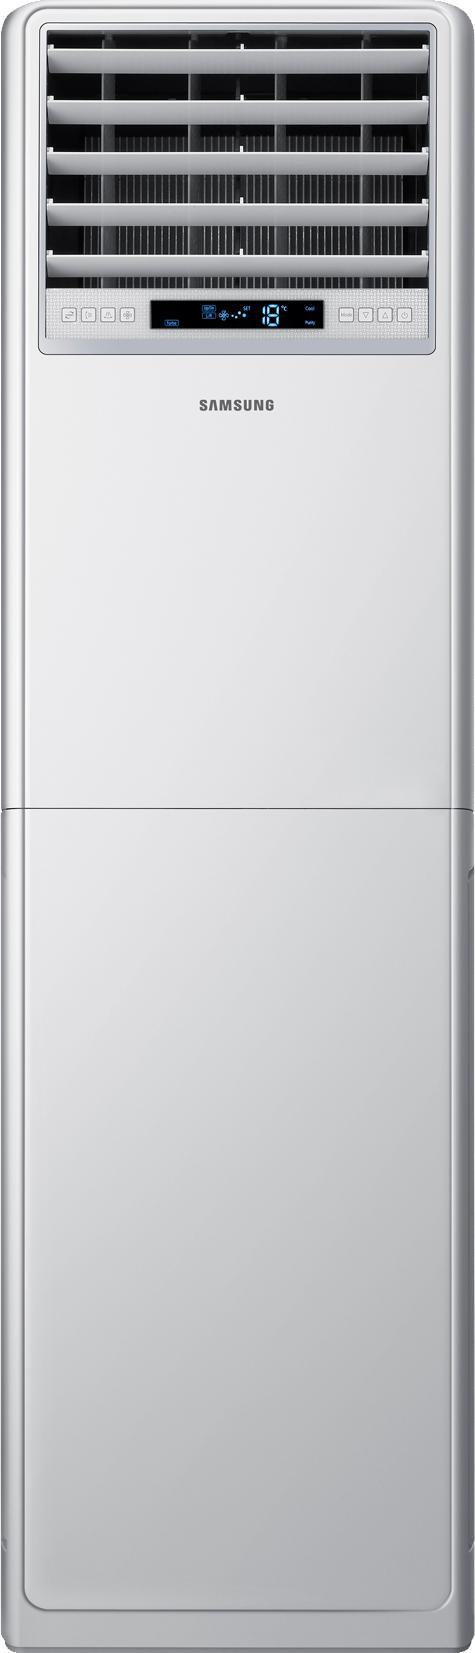 Samsung AP30M1AN